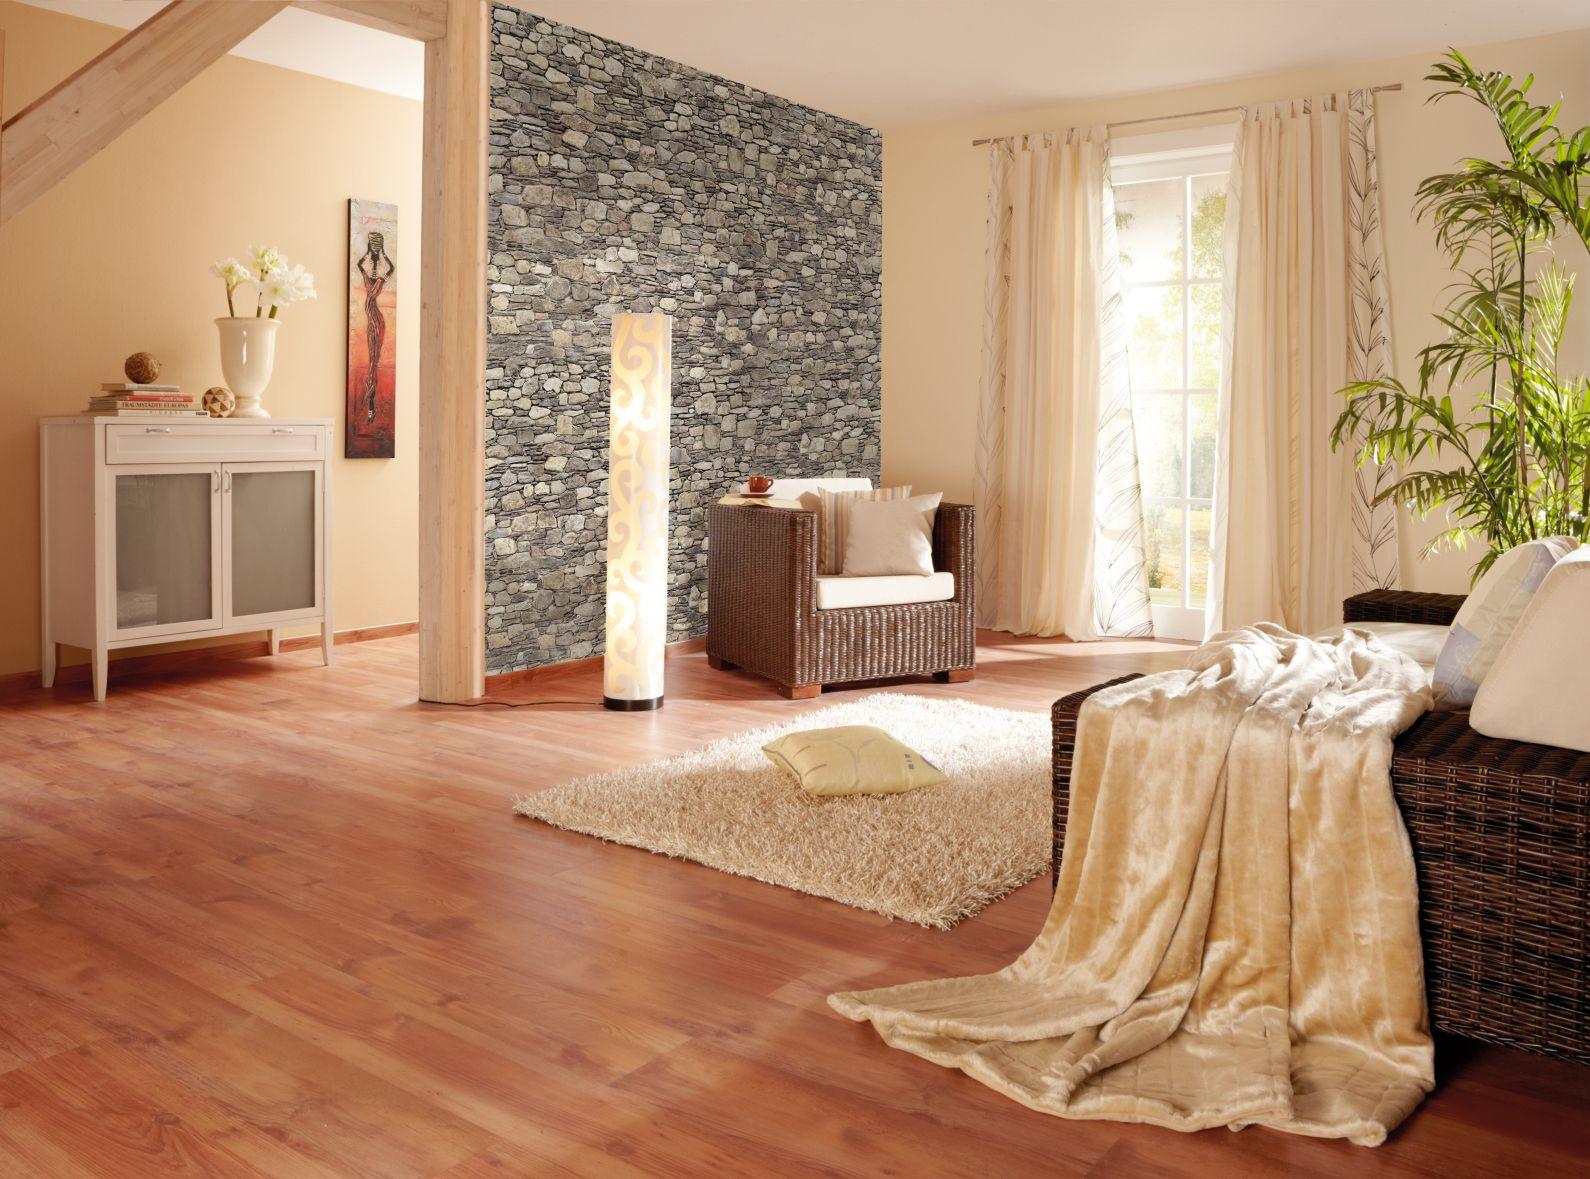 steintapete und laminat obi farbwelten pinterest. Black Bedroom Furniture Sets. Home Design Ideas